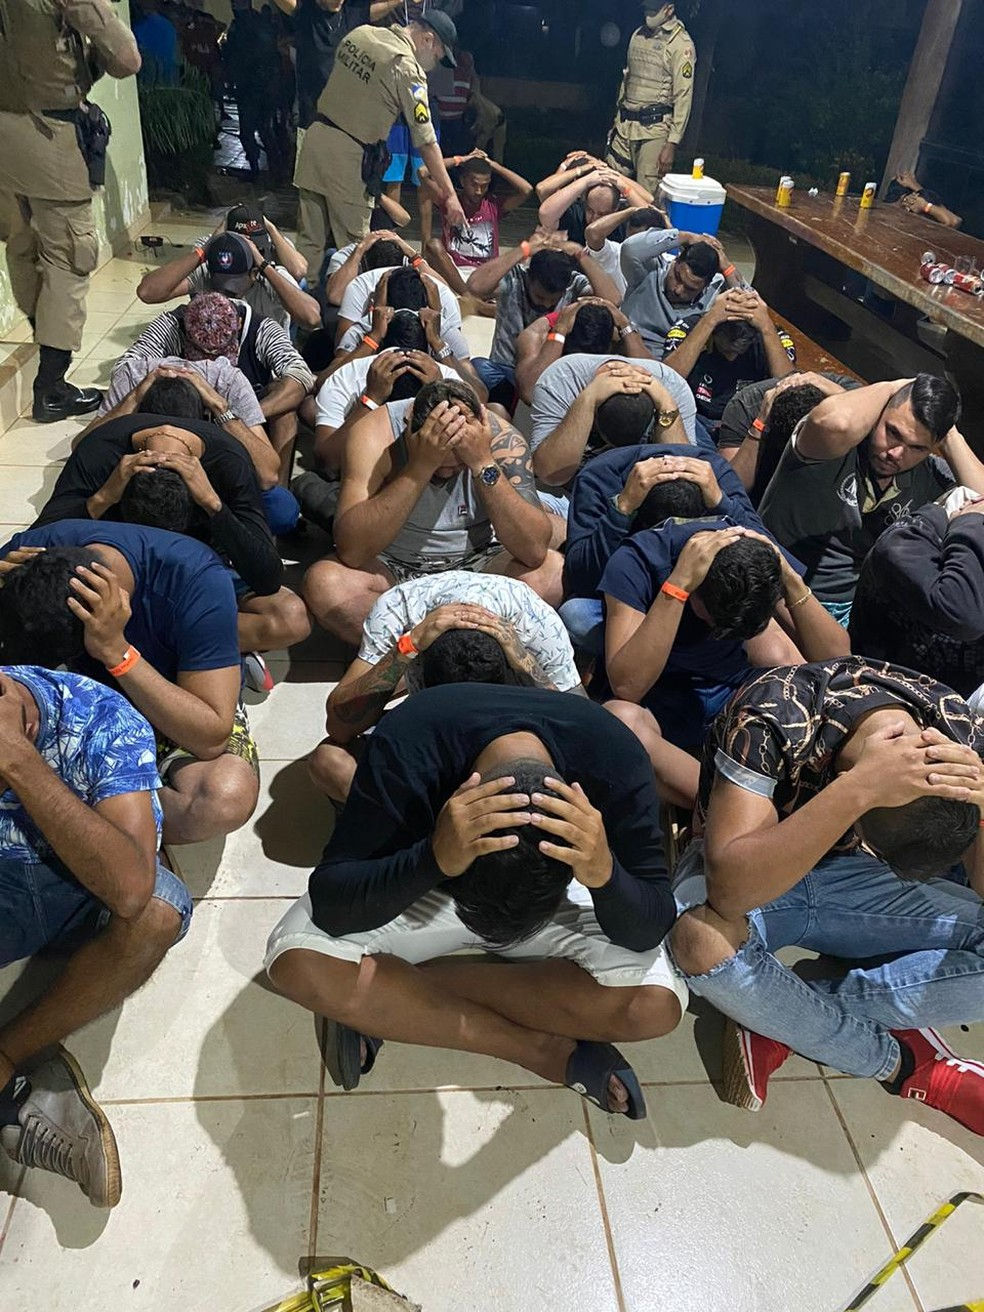 Participantes de festa passaram por averiguação da PM — Foto: PM/Divulgação